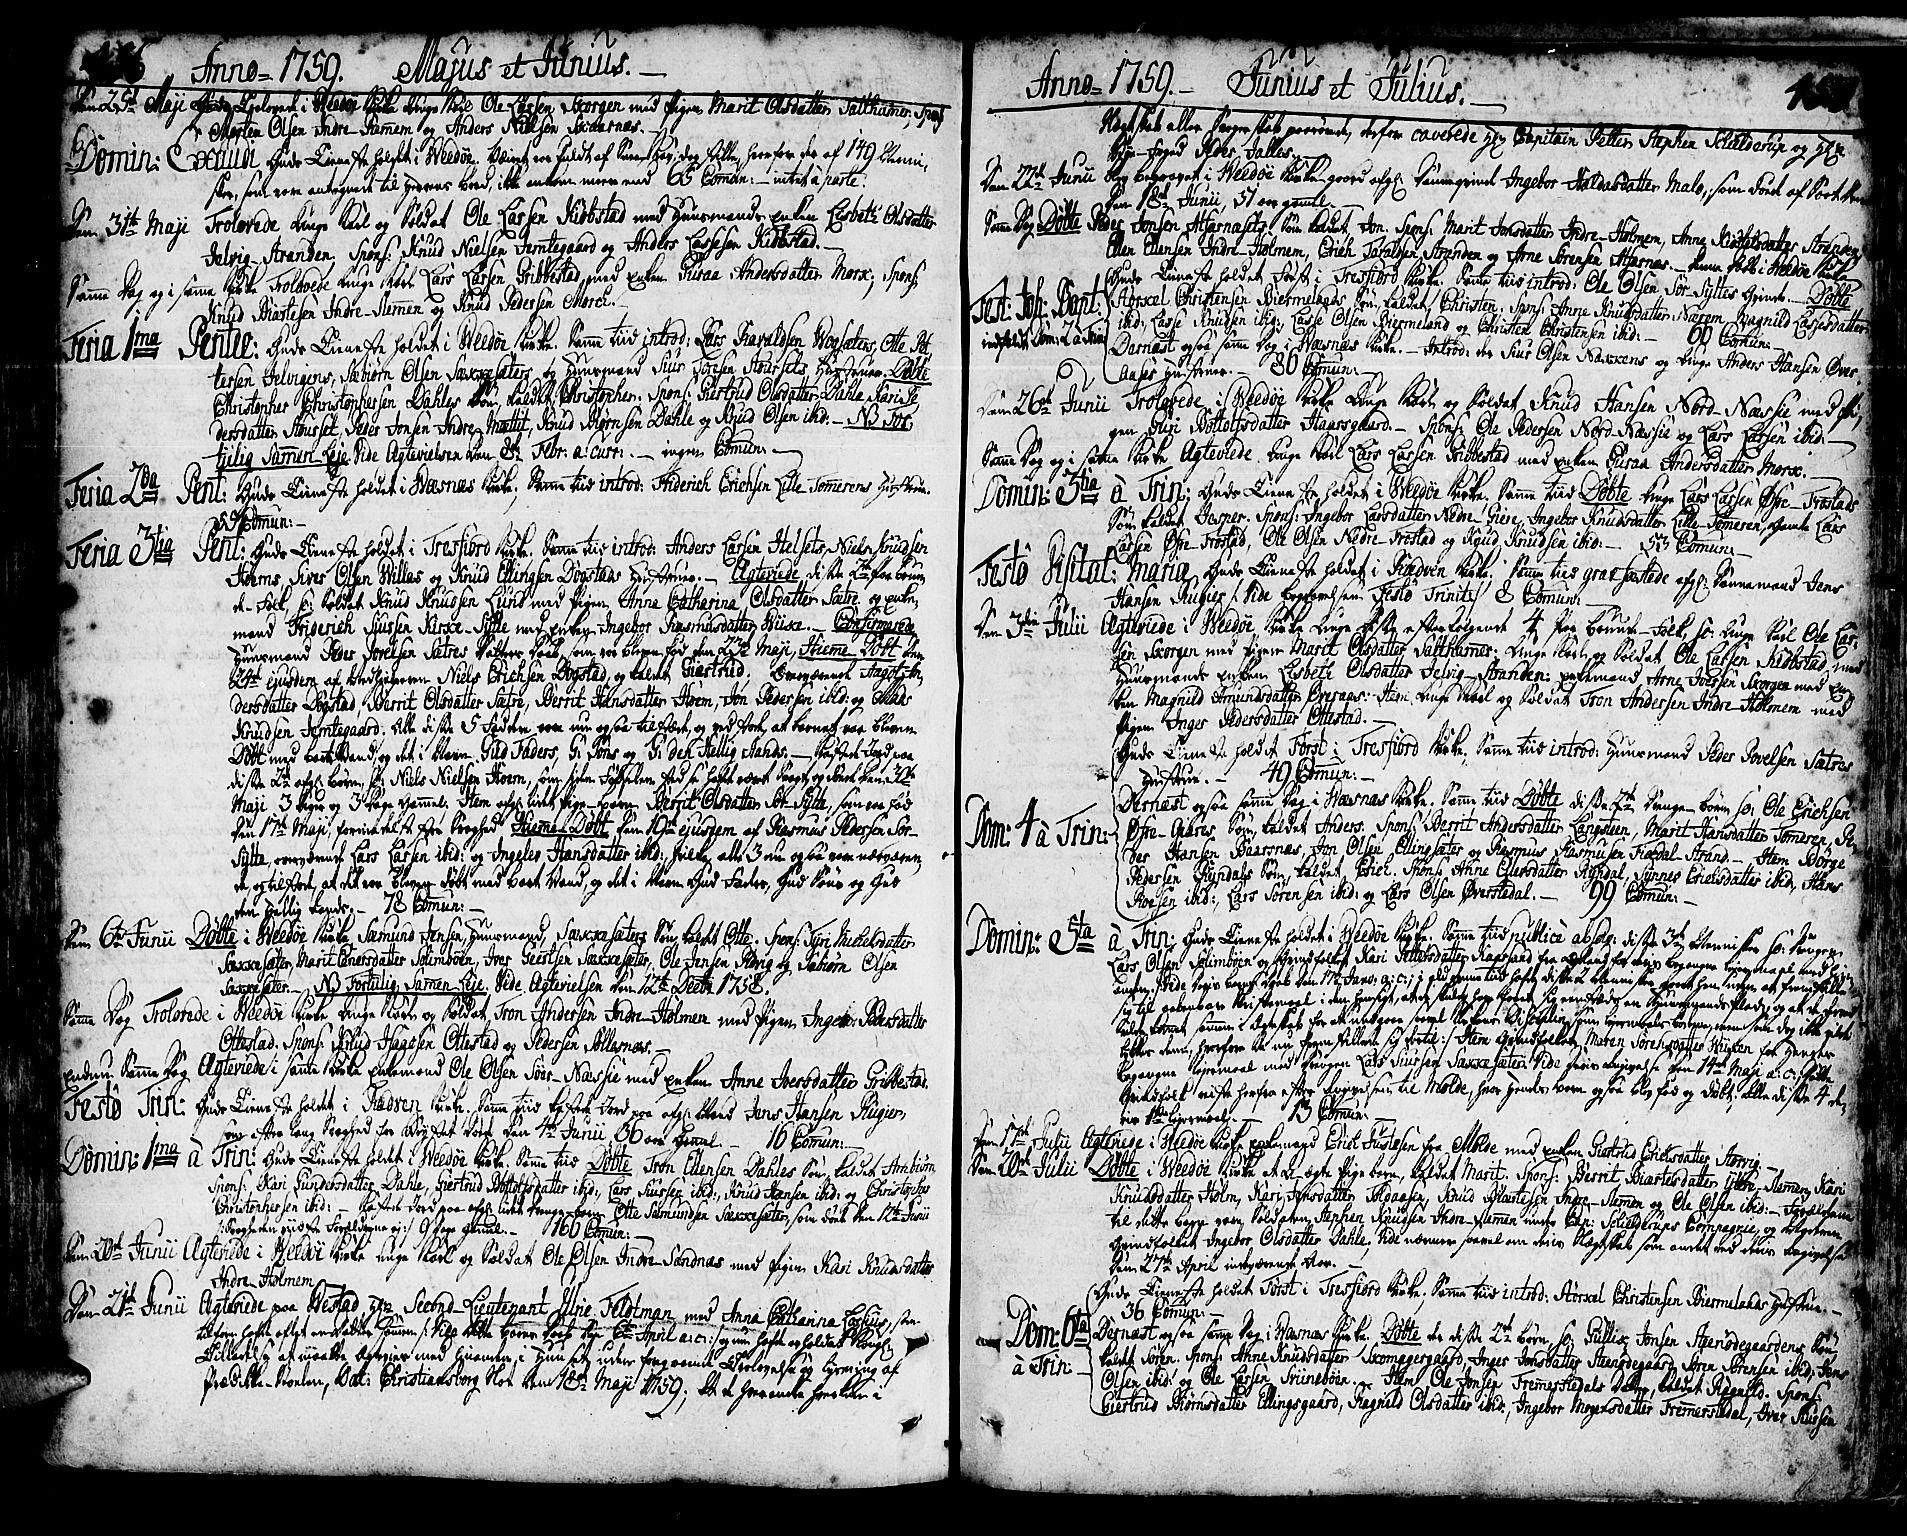 SAT, Ministerialprotokoller, klokkerbøker og fødselsregistre - Møre og Romsdal, 547/L0599: Ministerialbok nr. 547A01, 1721-1764, s. 456-457